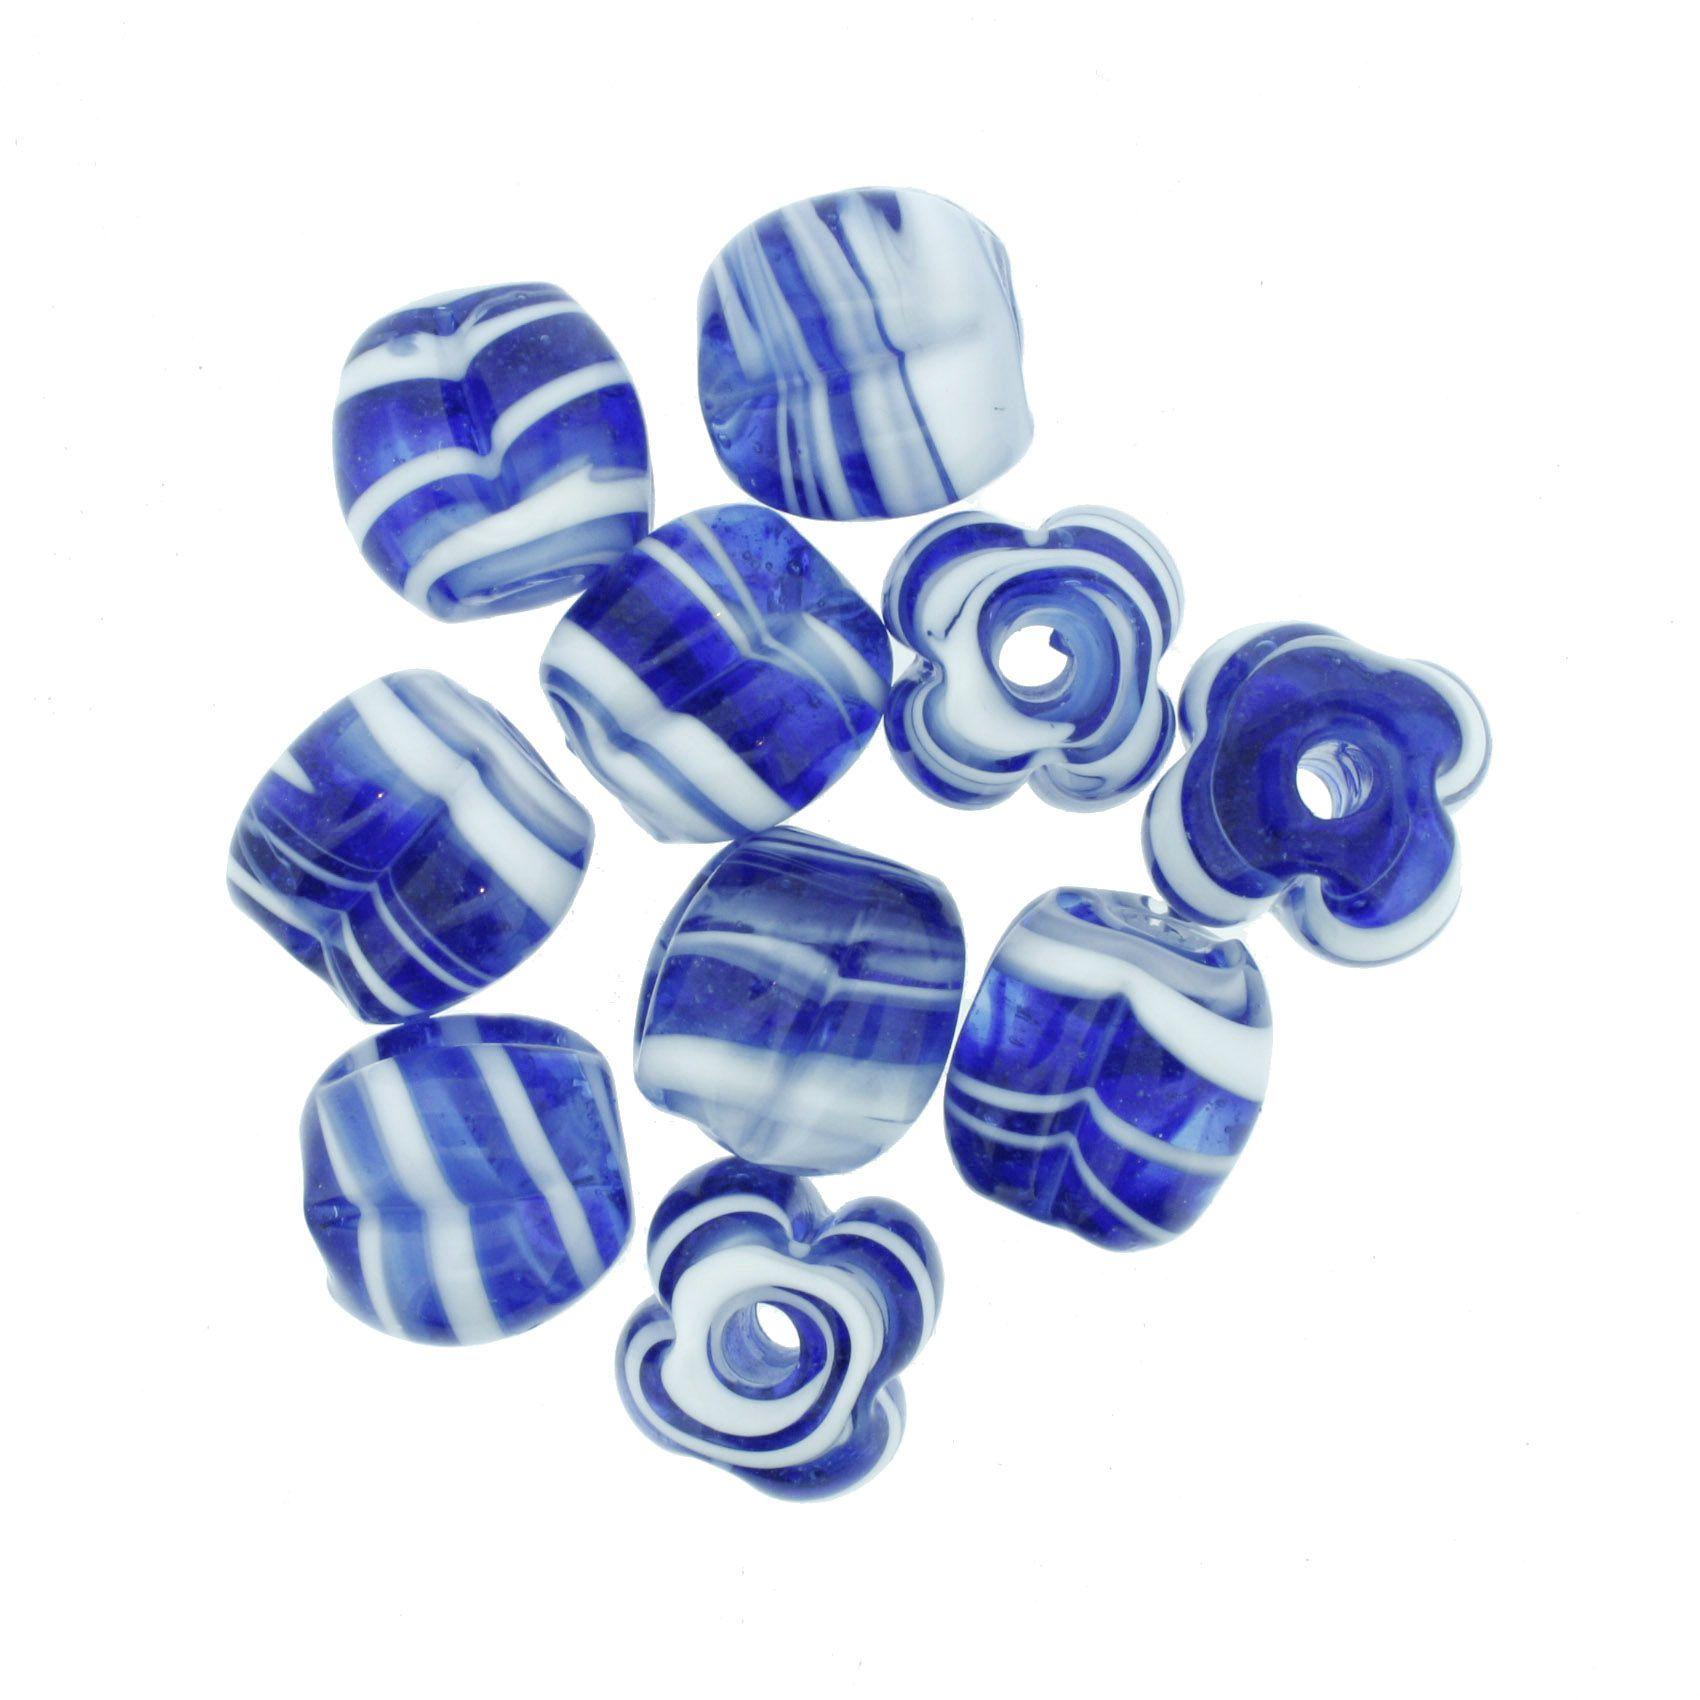 Firma Pitanga - Branca e Azul Royal  - Stéphanie Bijoux® - Peças para Bijuterias e Artesanato